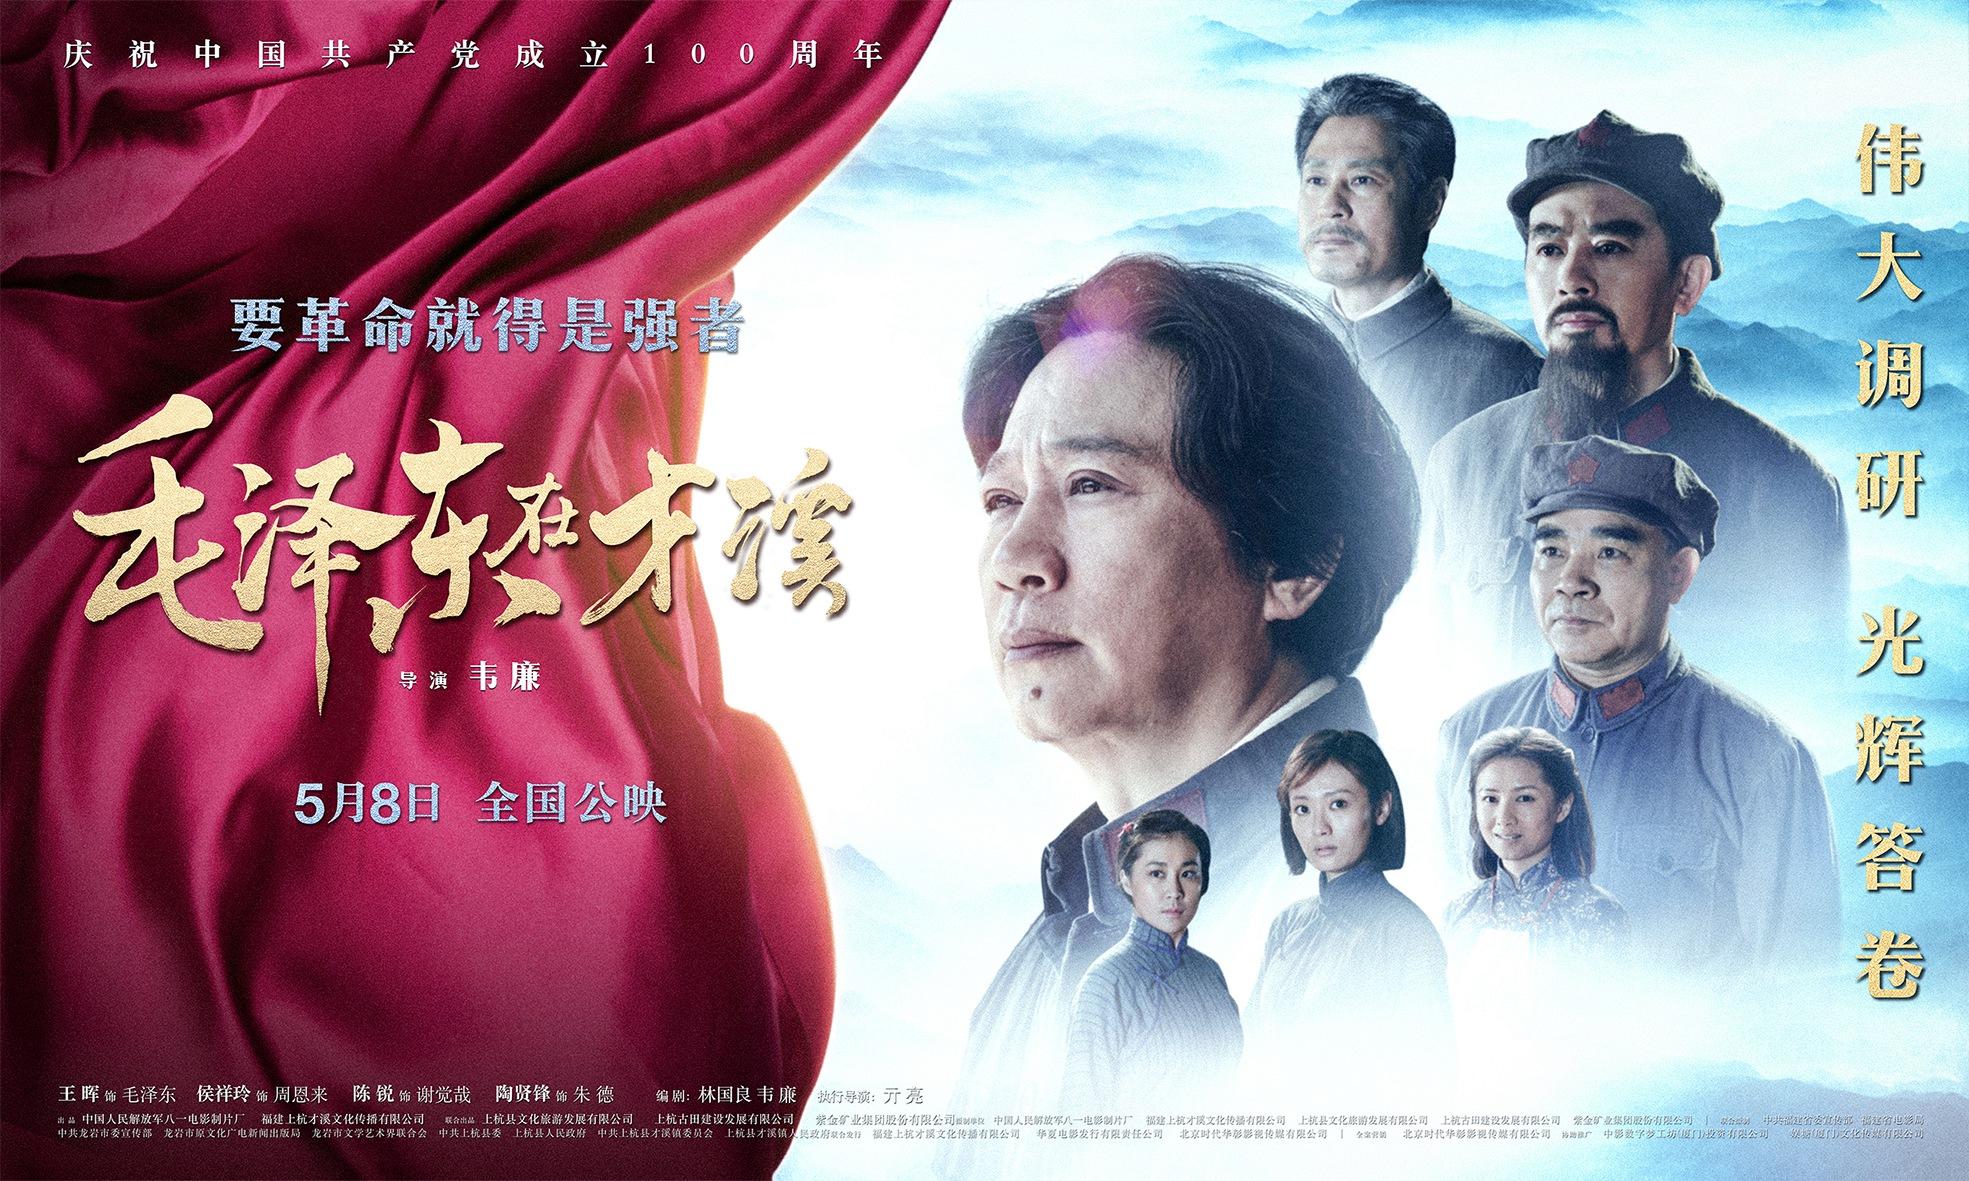 电影《毛泽东在才溪》发布终极海报预告 (1).jpg